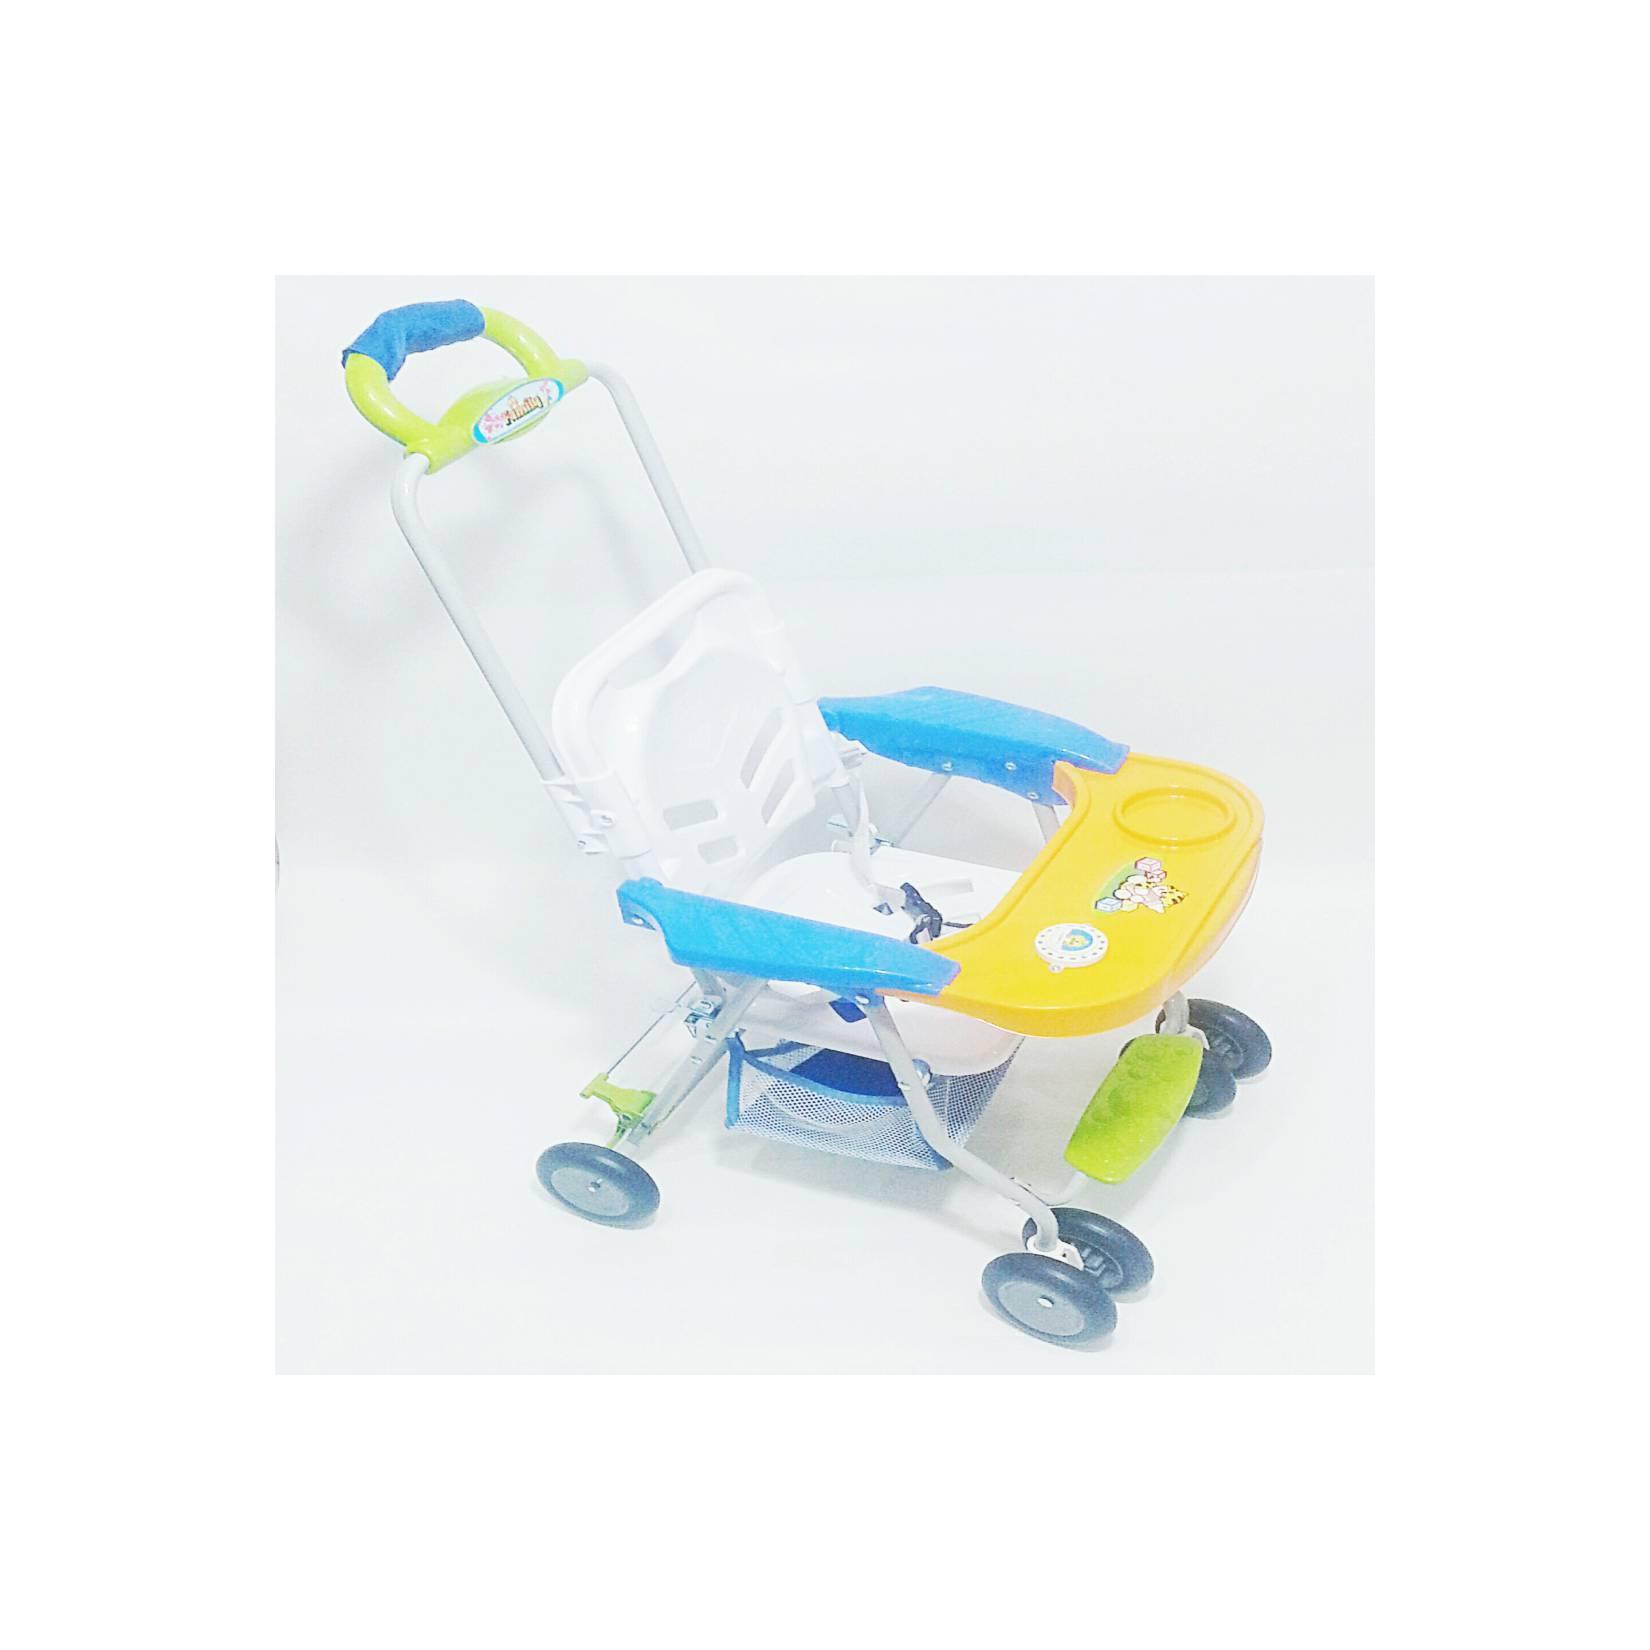 Kursi Makan Bayi FAMILY CHAIR STROLLER / KURSI MAKAN BAYI